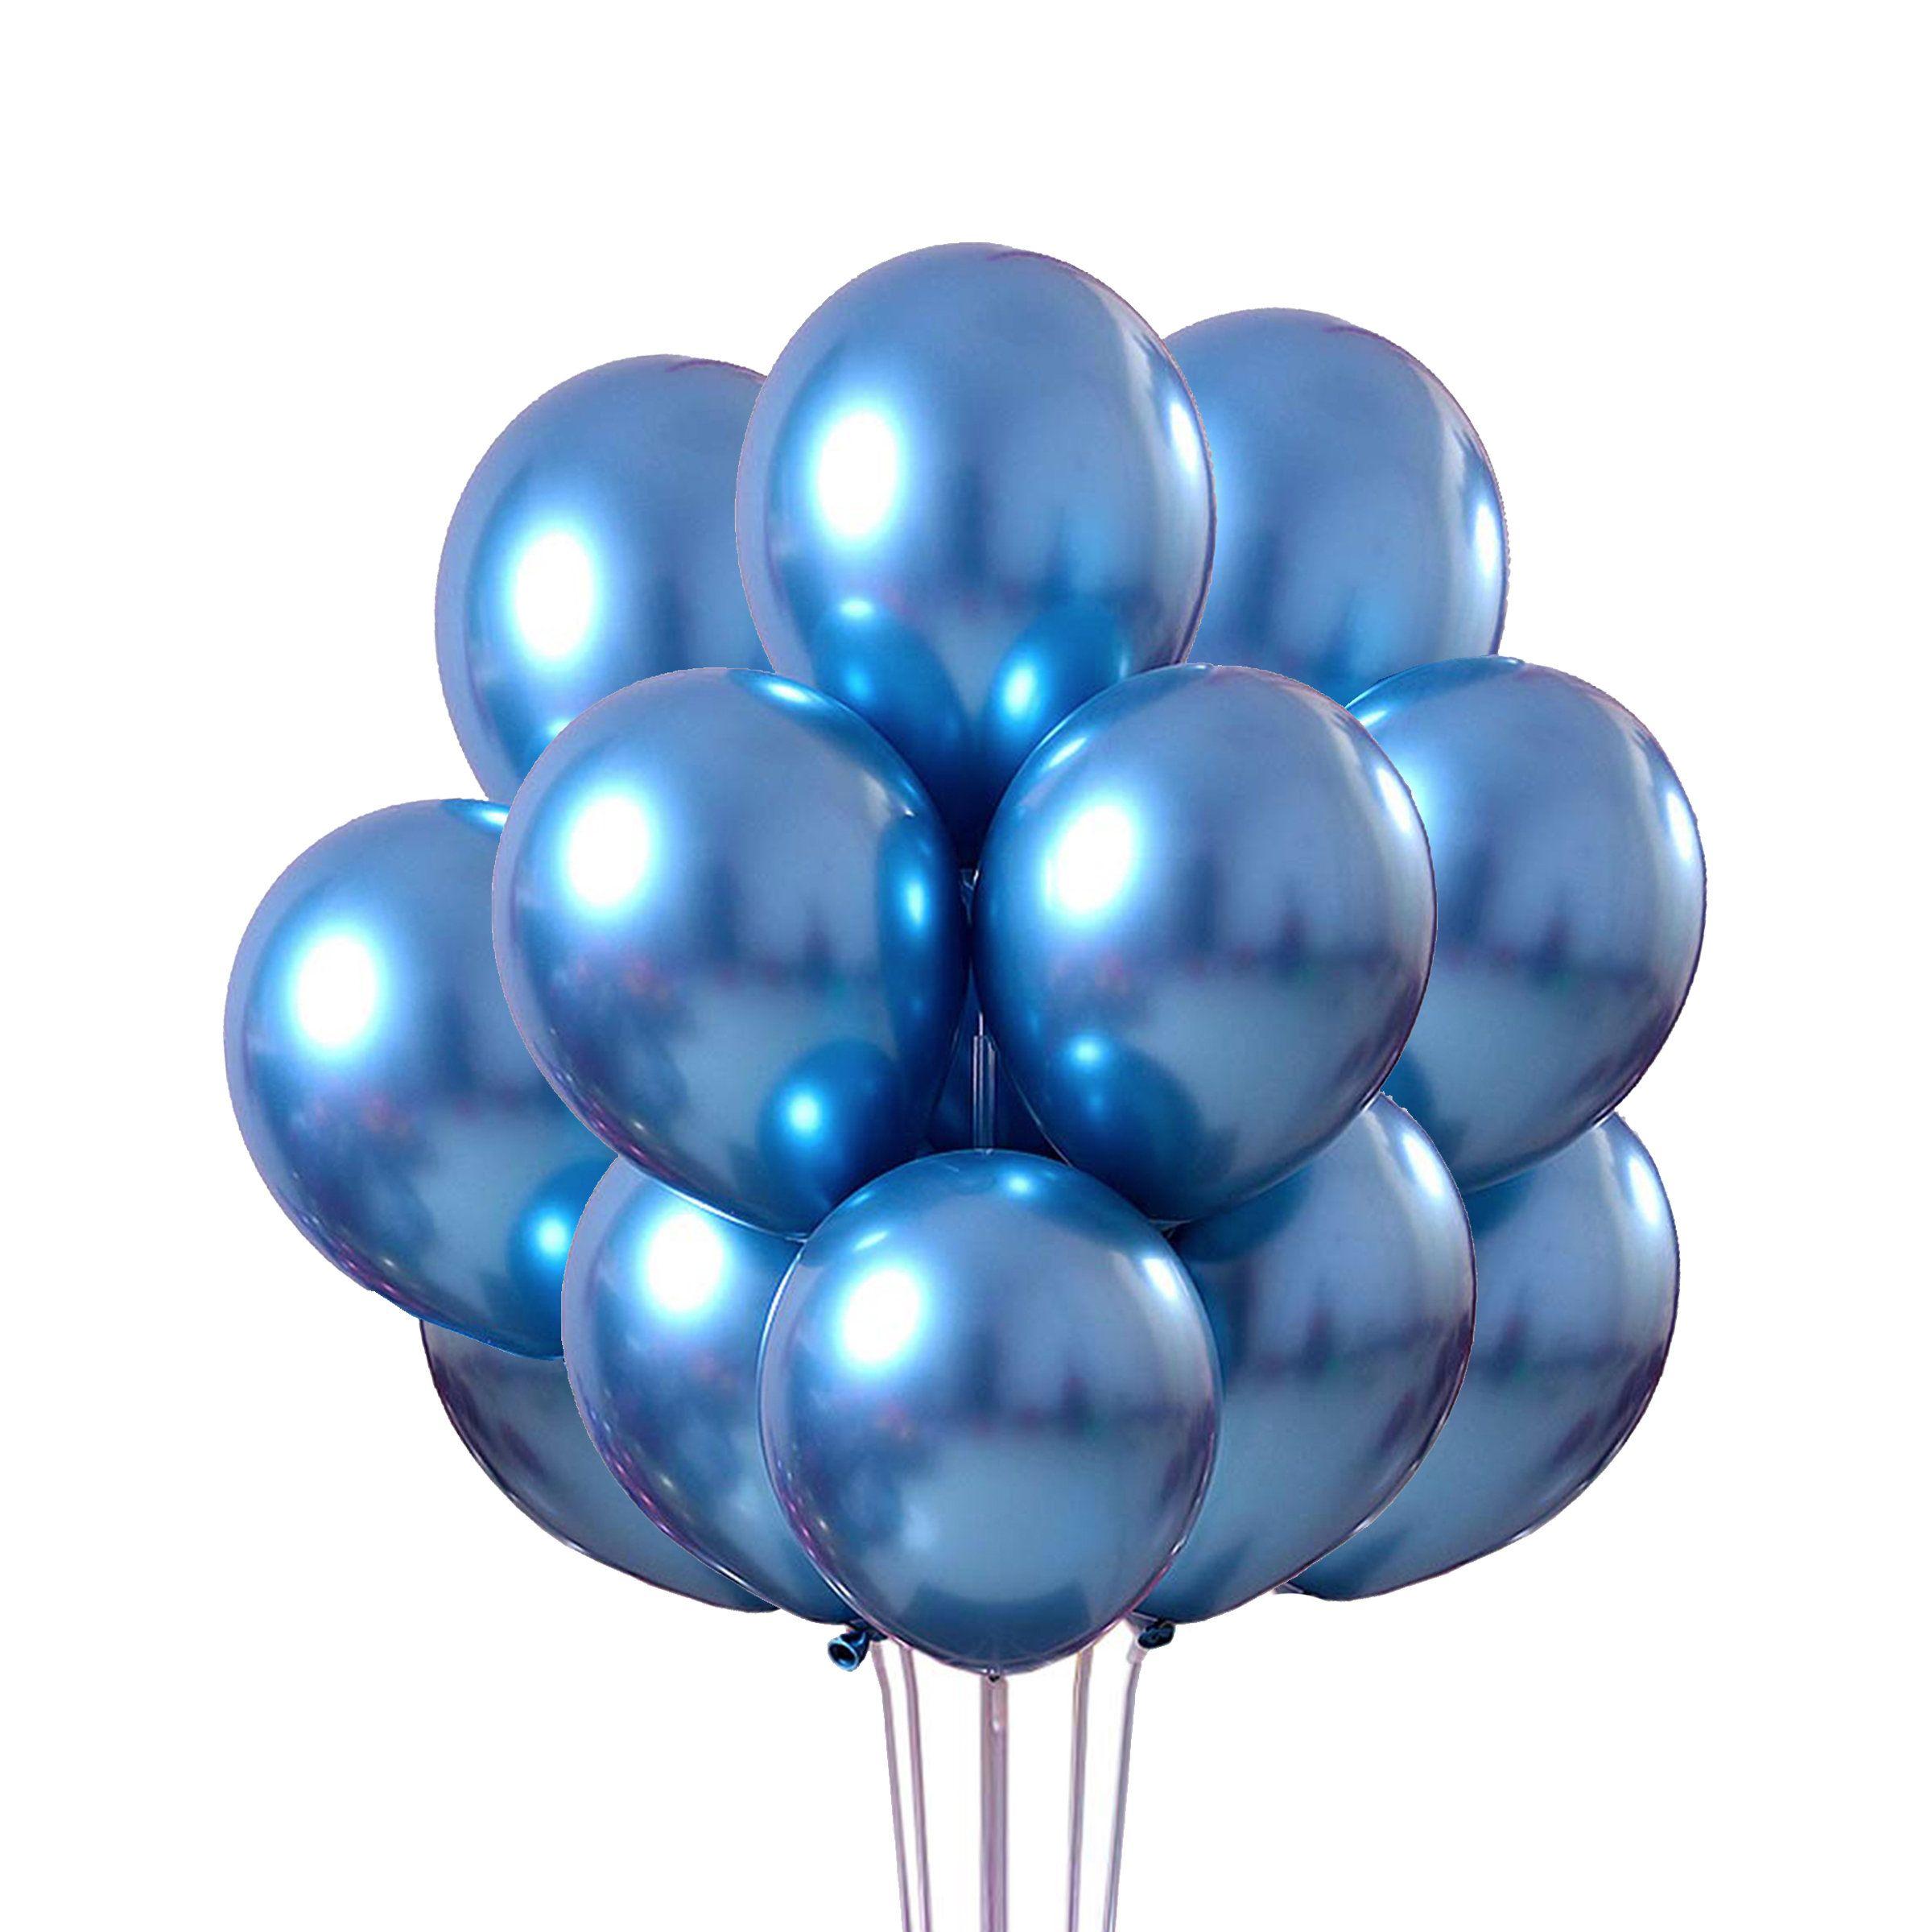 Pin On Balloon Sets Pairings